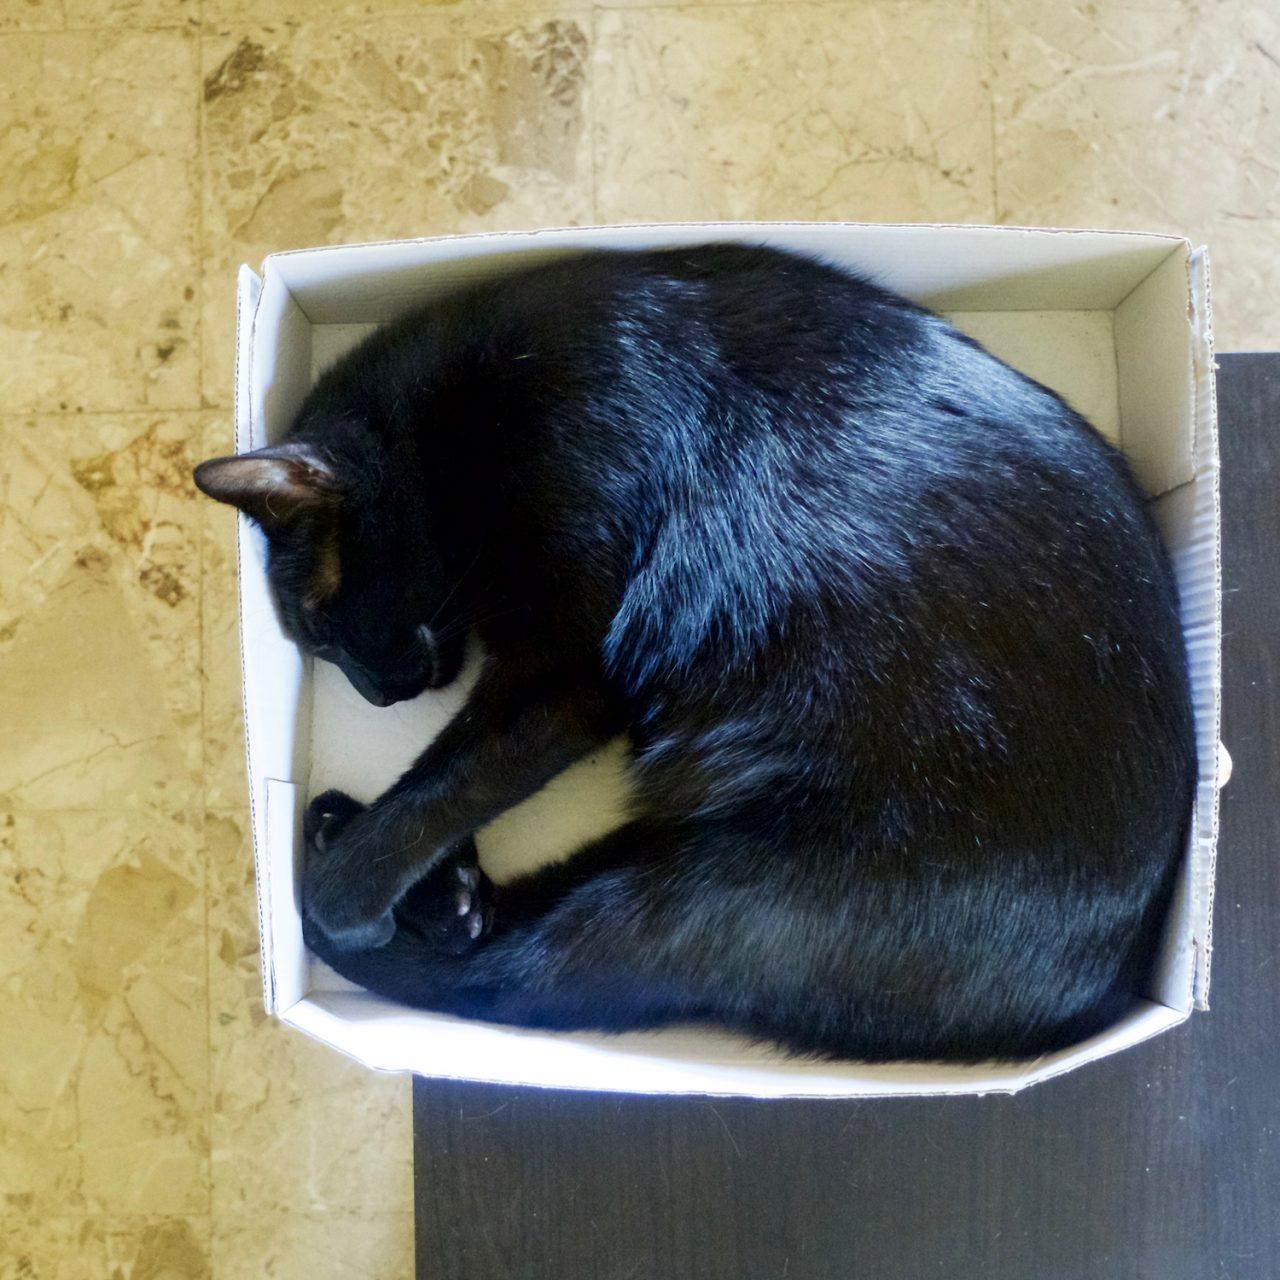 Le chat dort dans un carton !